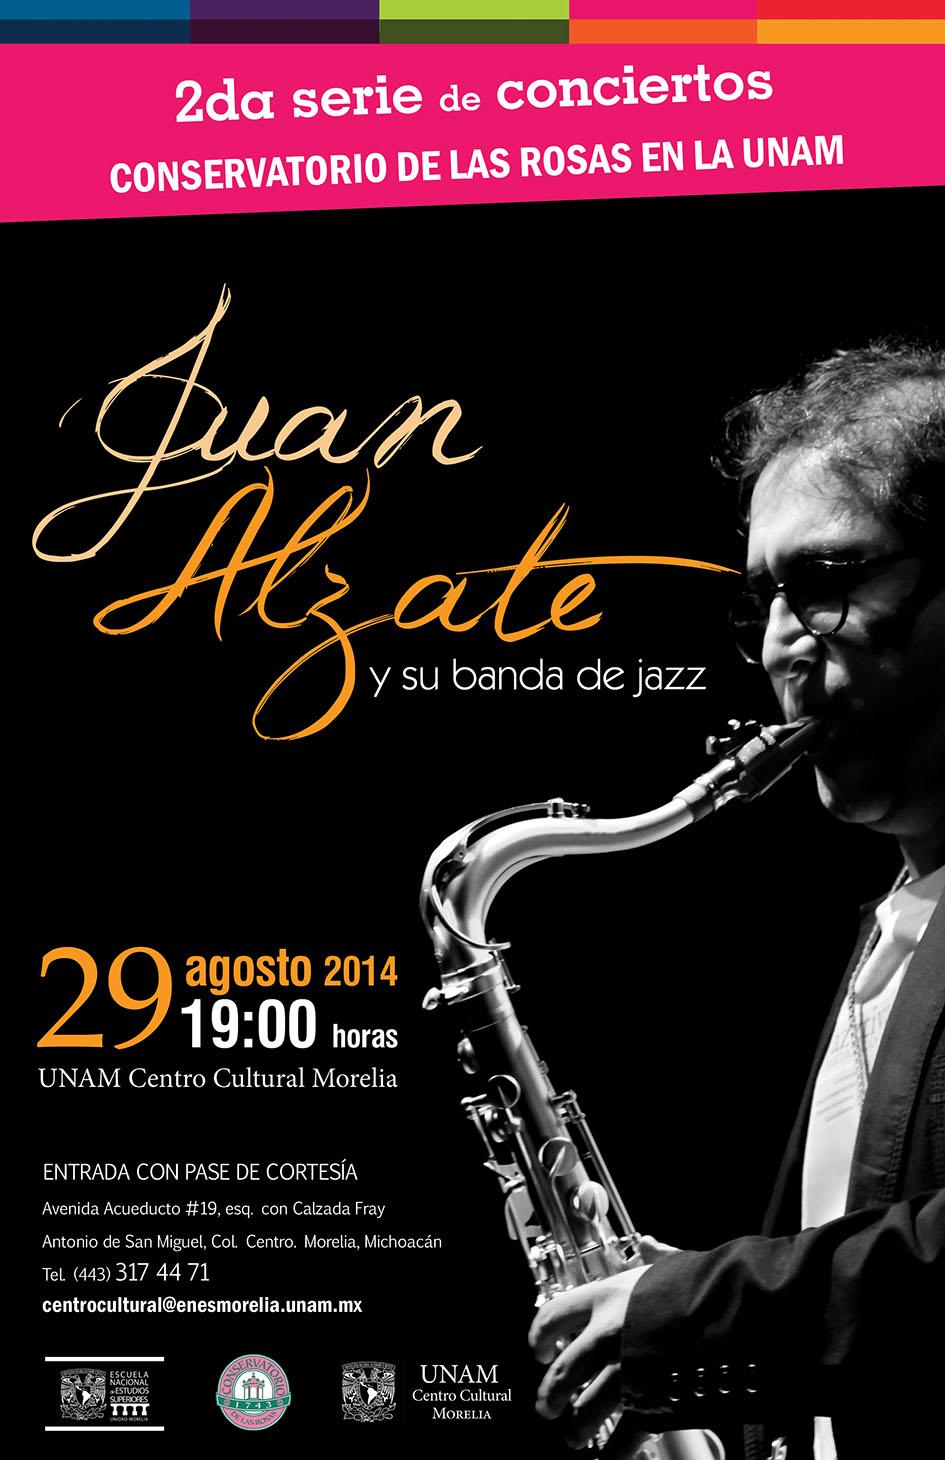 JUAN ALZATE A